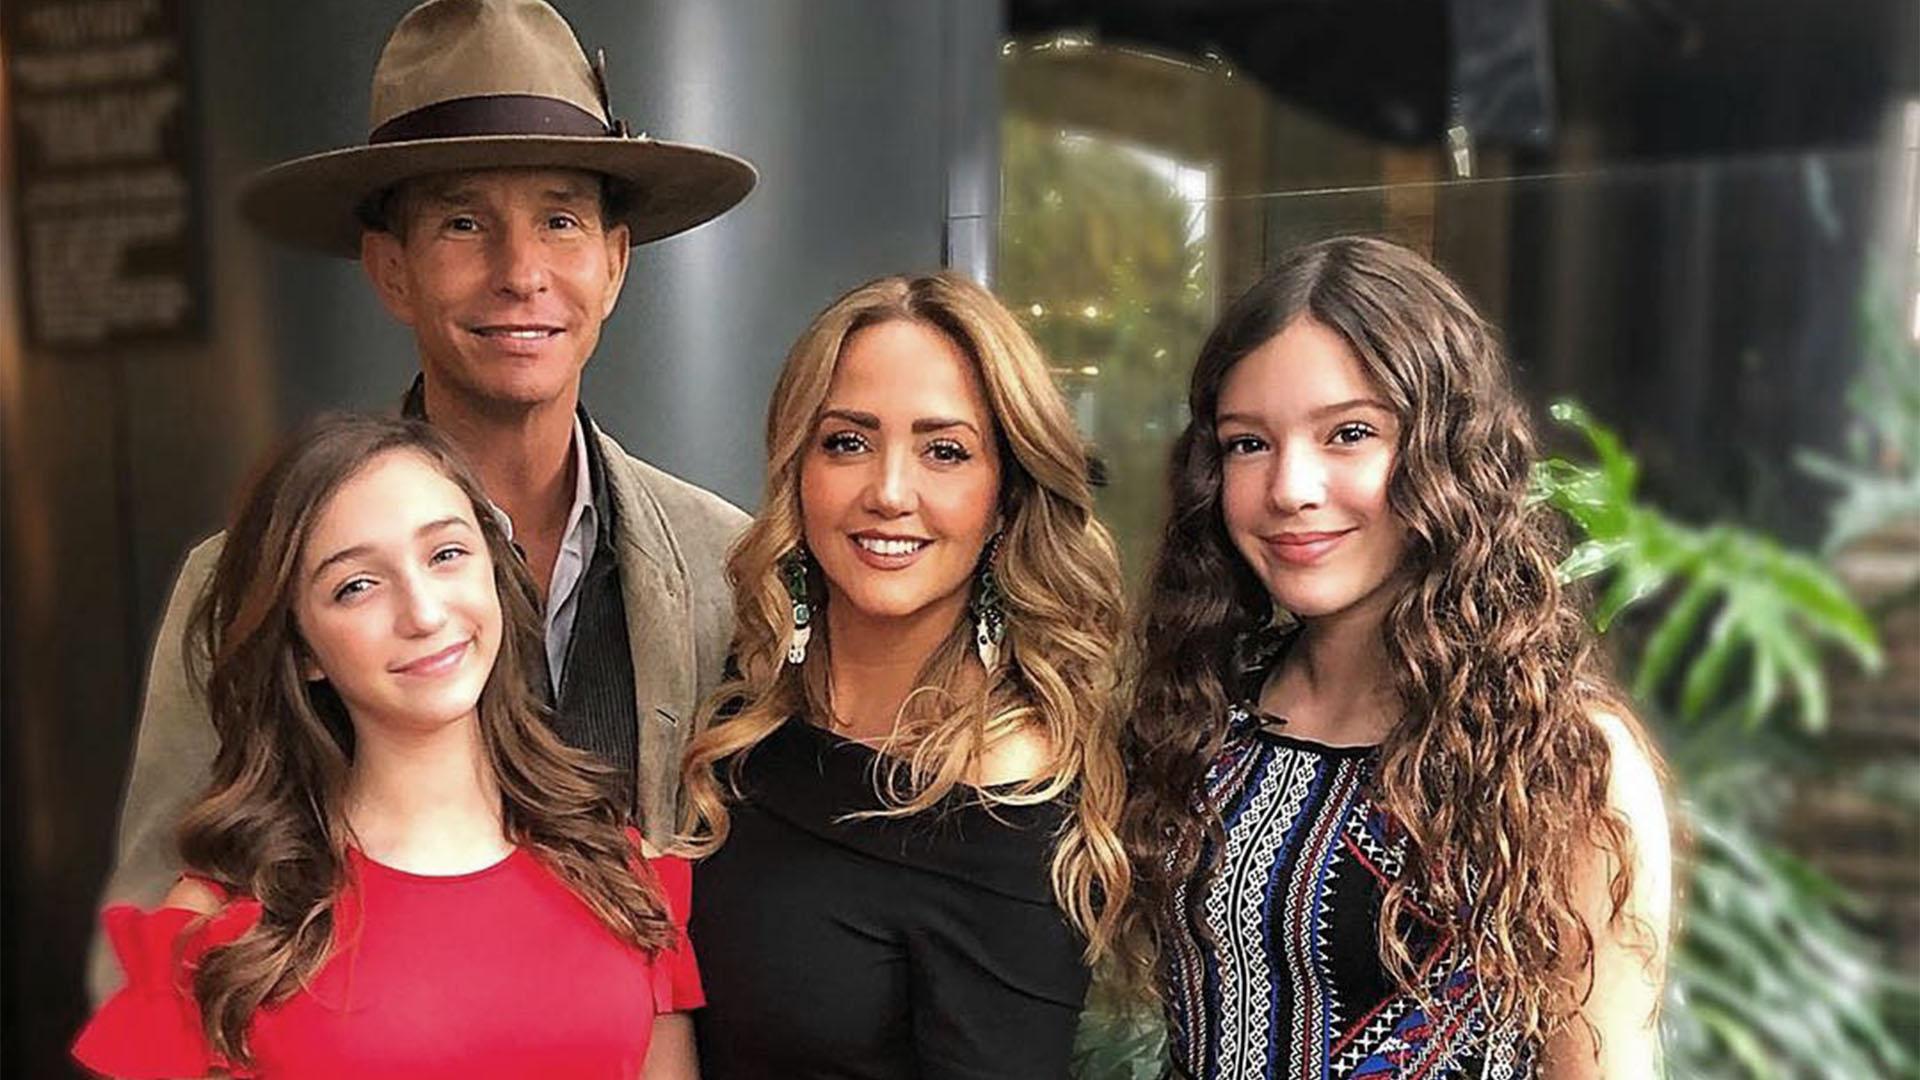 La hija de Andrea Legarreta y Erik Rubín presentó al joven que le dará su  primer beso - Infobae